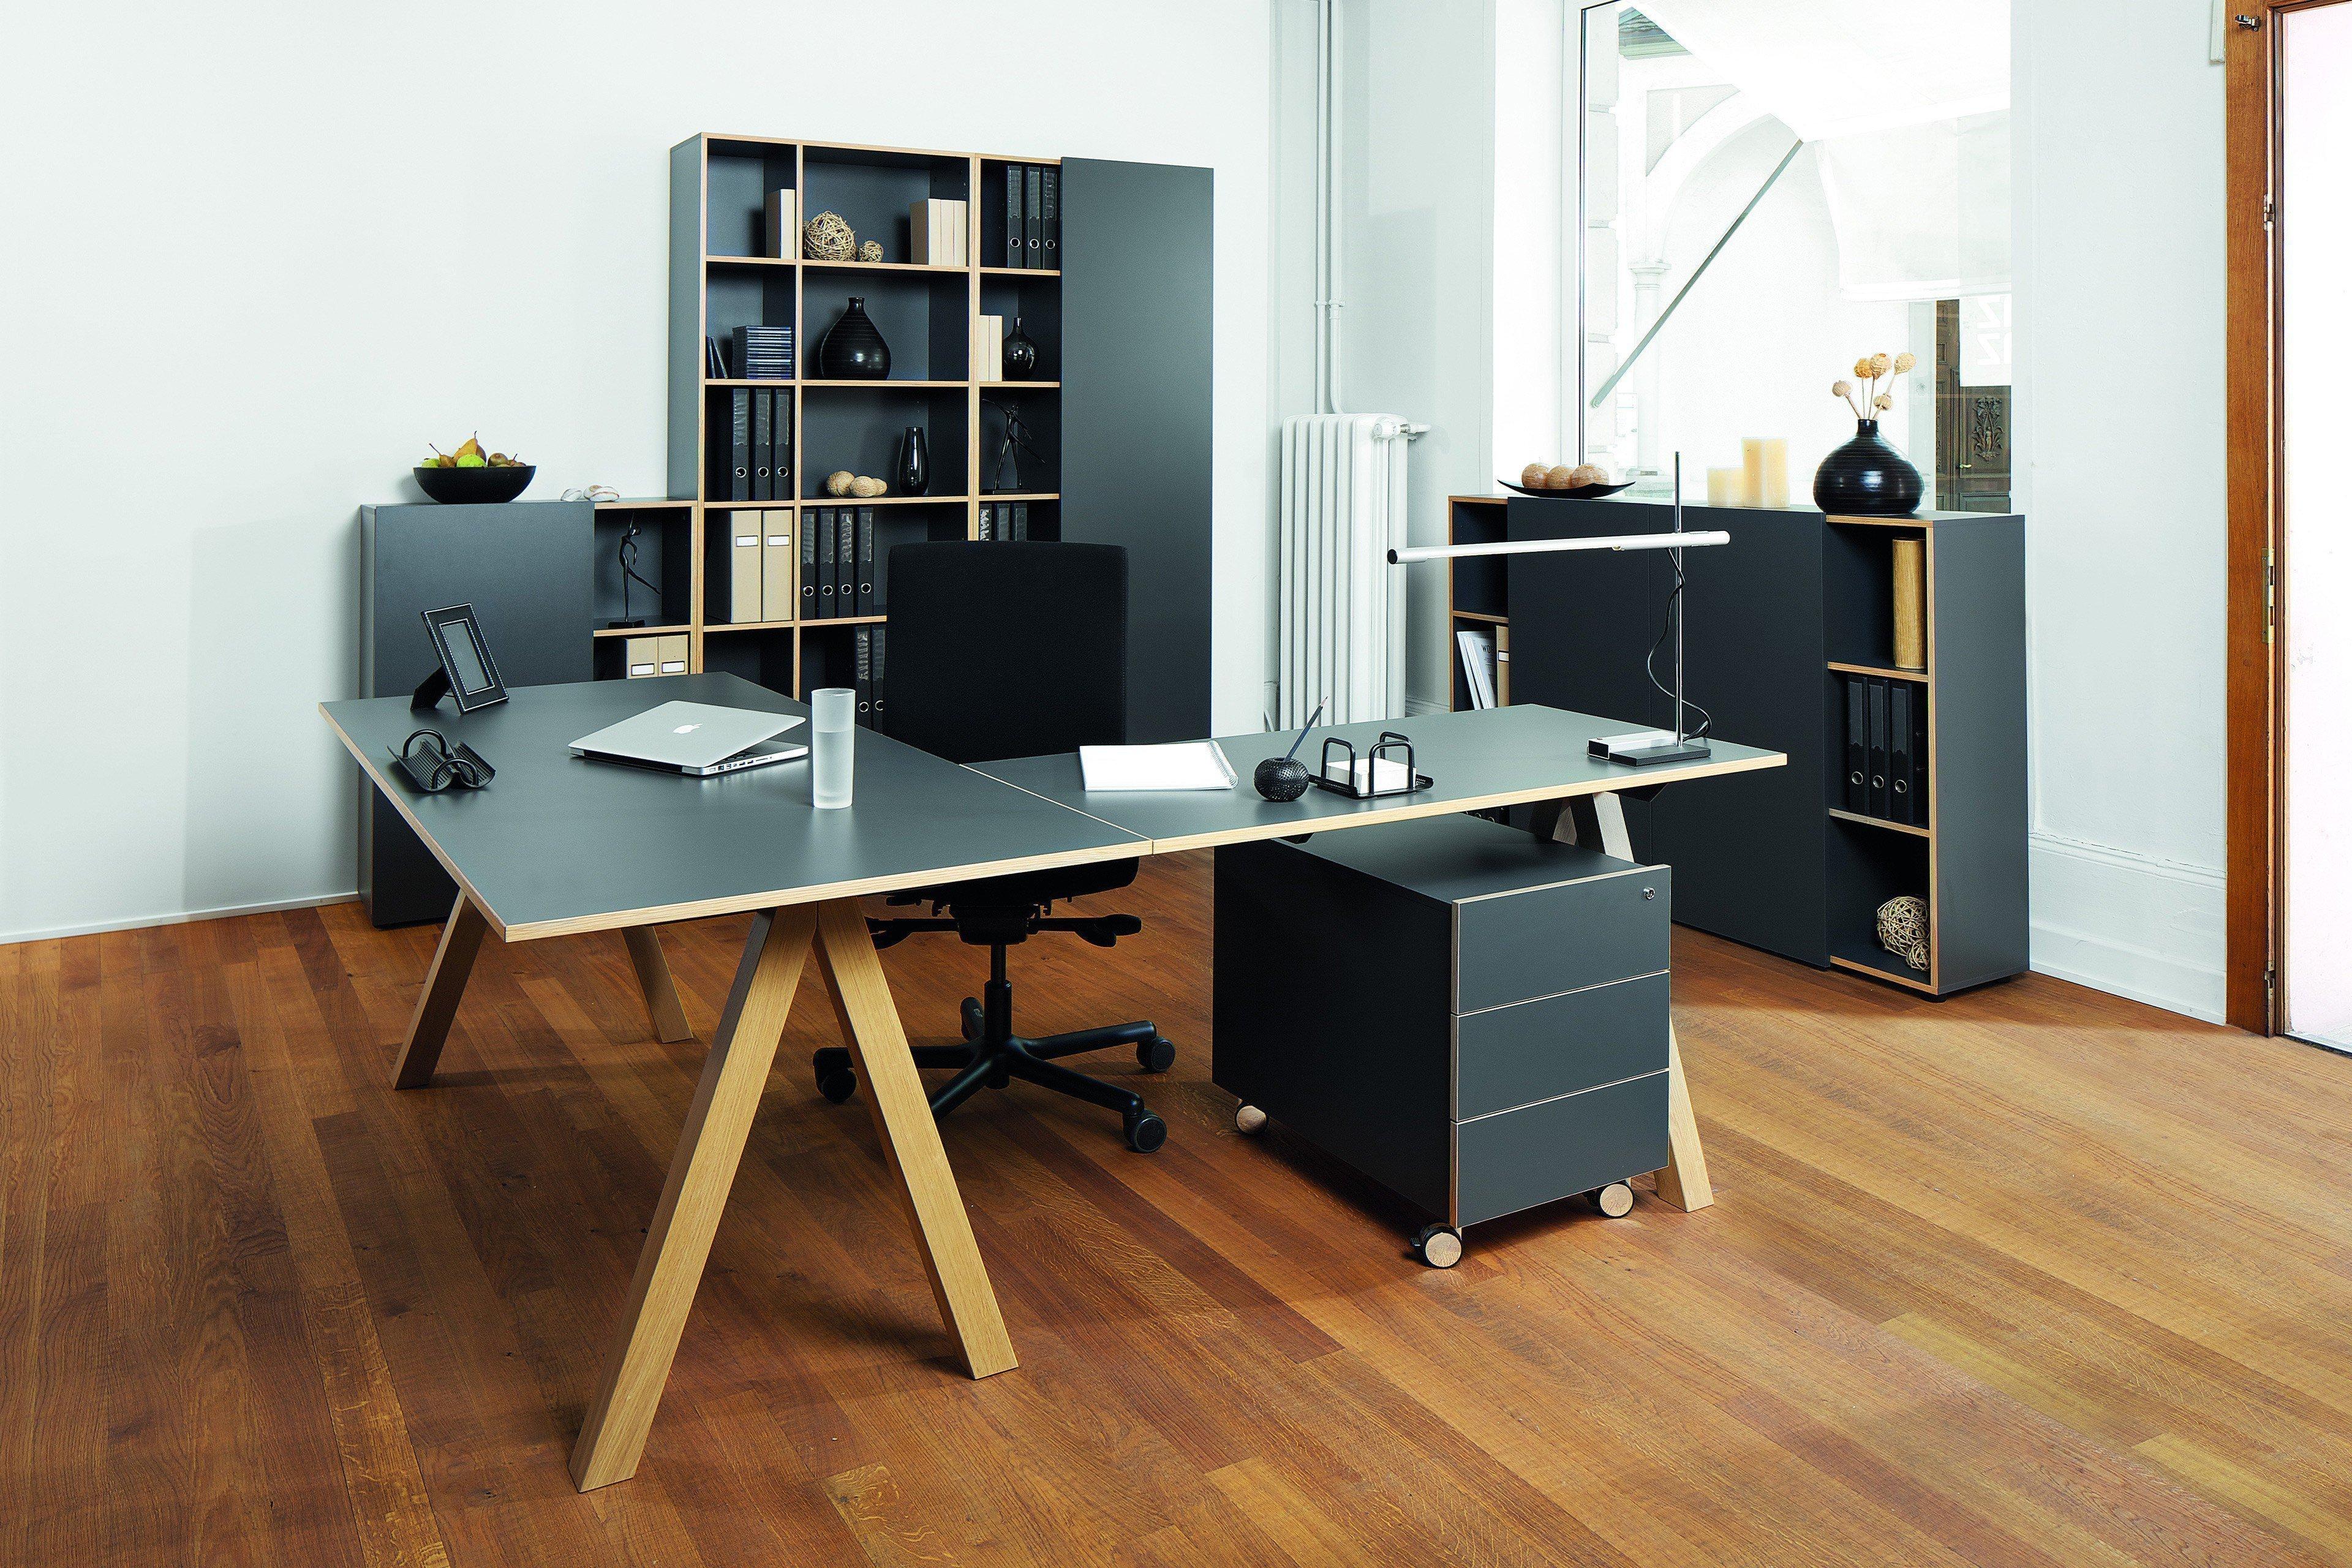 reinhard oslo schreibtisch anthrazit m bel letz ihr. Black Bedroom Furniture Sets. Home Design Ideas